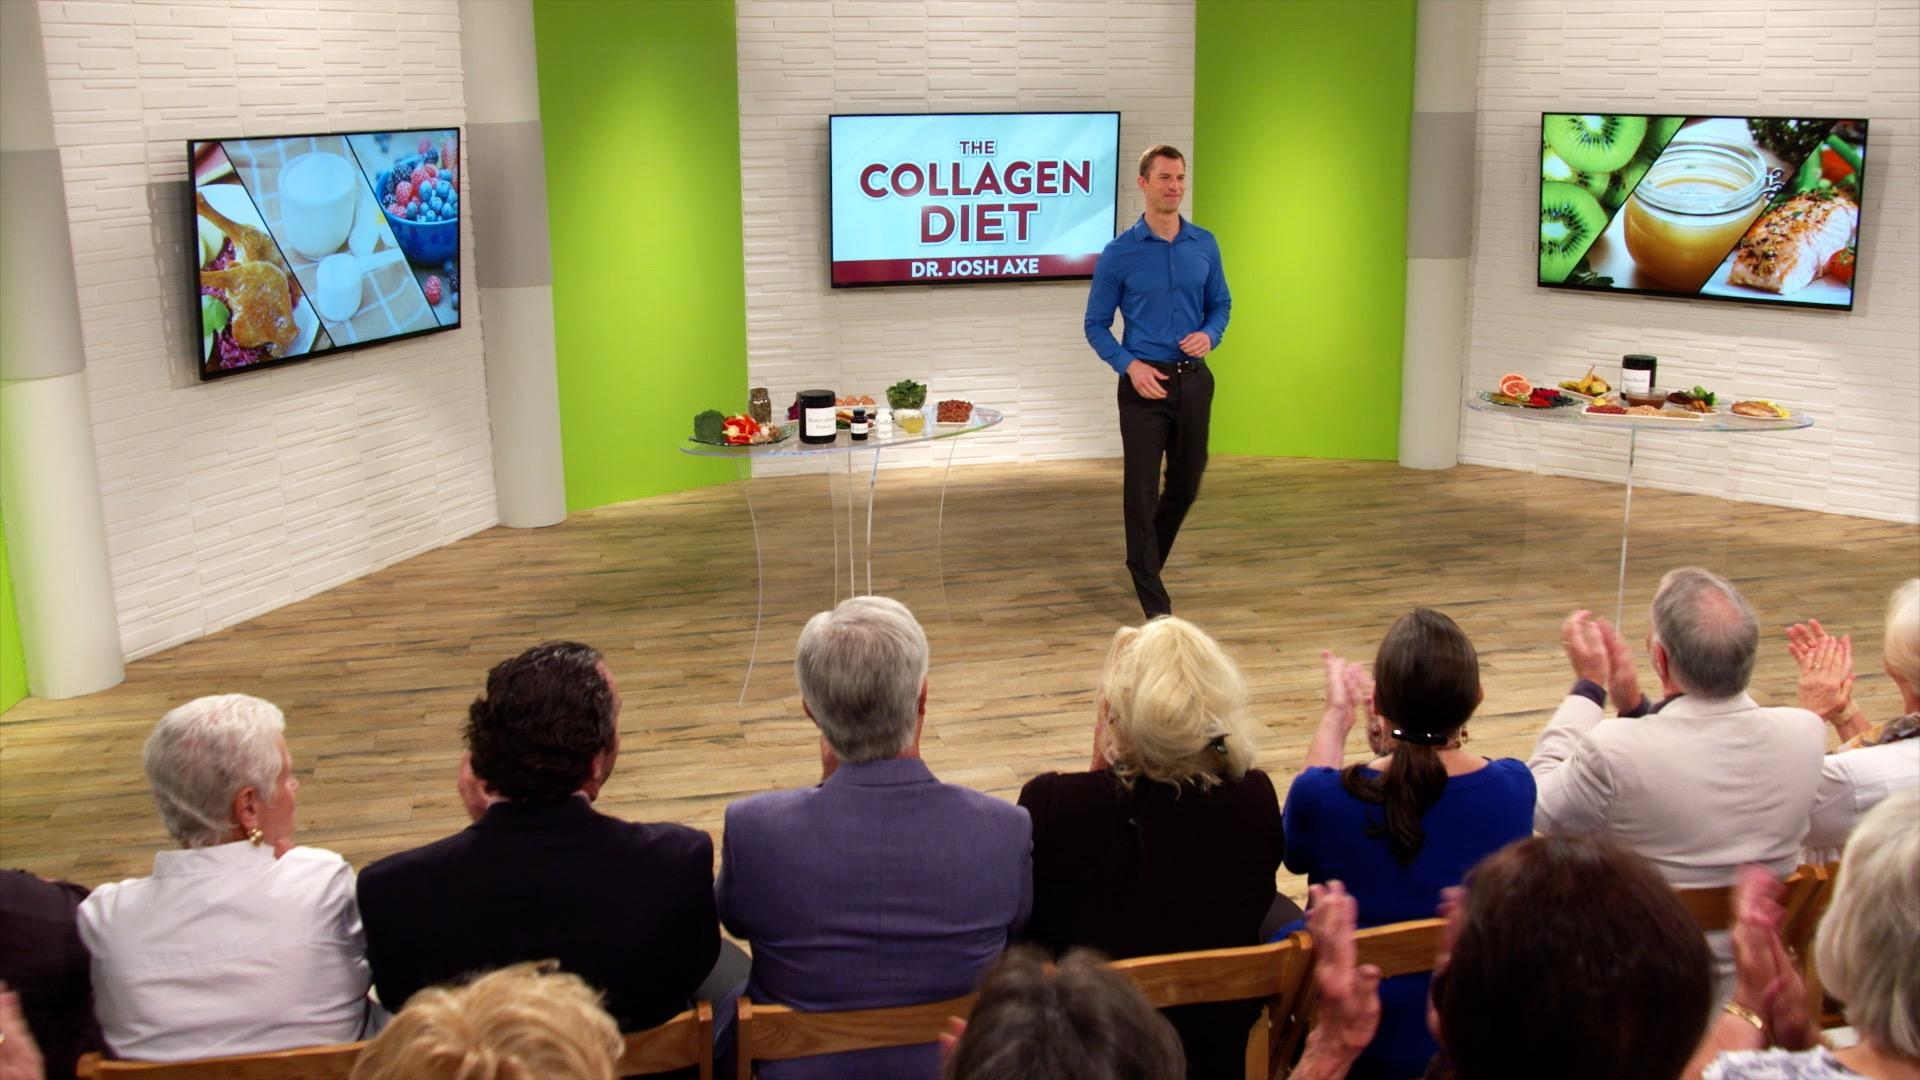 Collagen Diet with Dr. Josh Axe